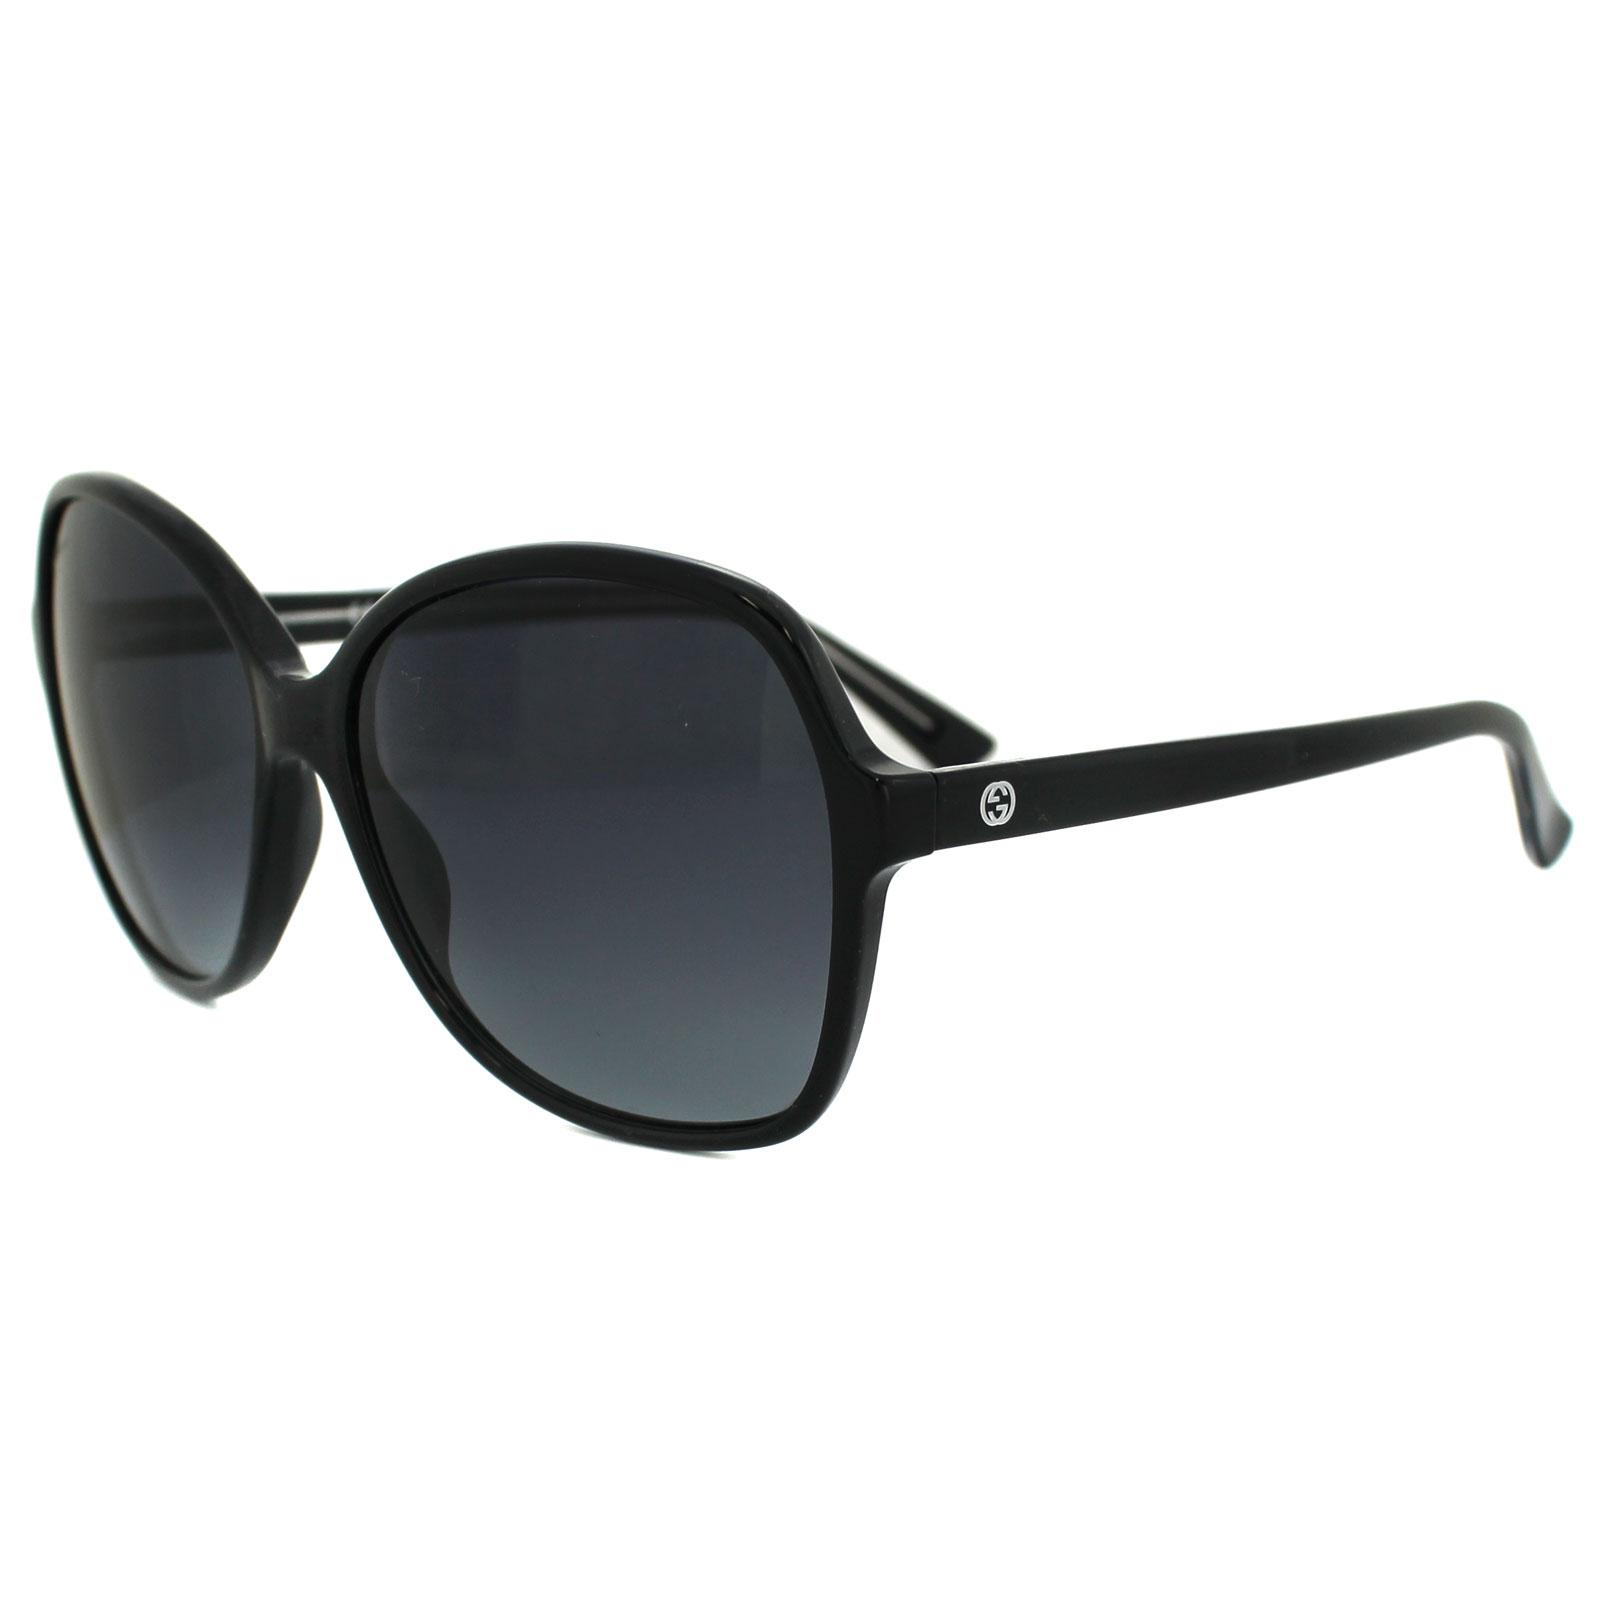 6b10e3bbf6ca Cheap Gucci Sunglasses - Discounted Sunglasses